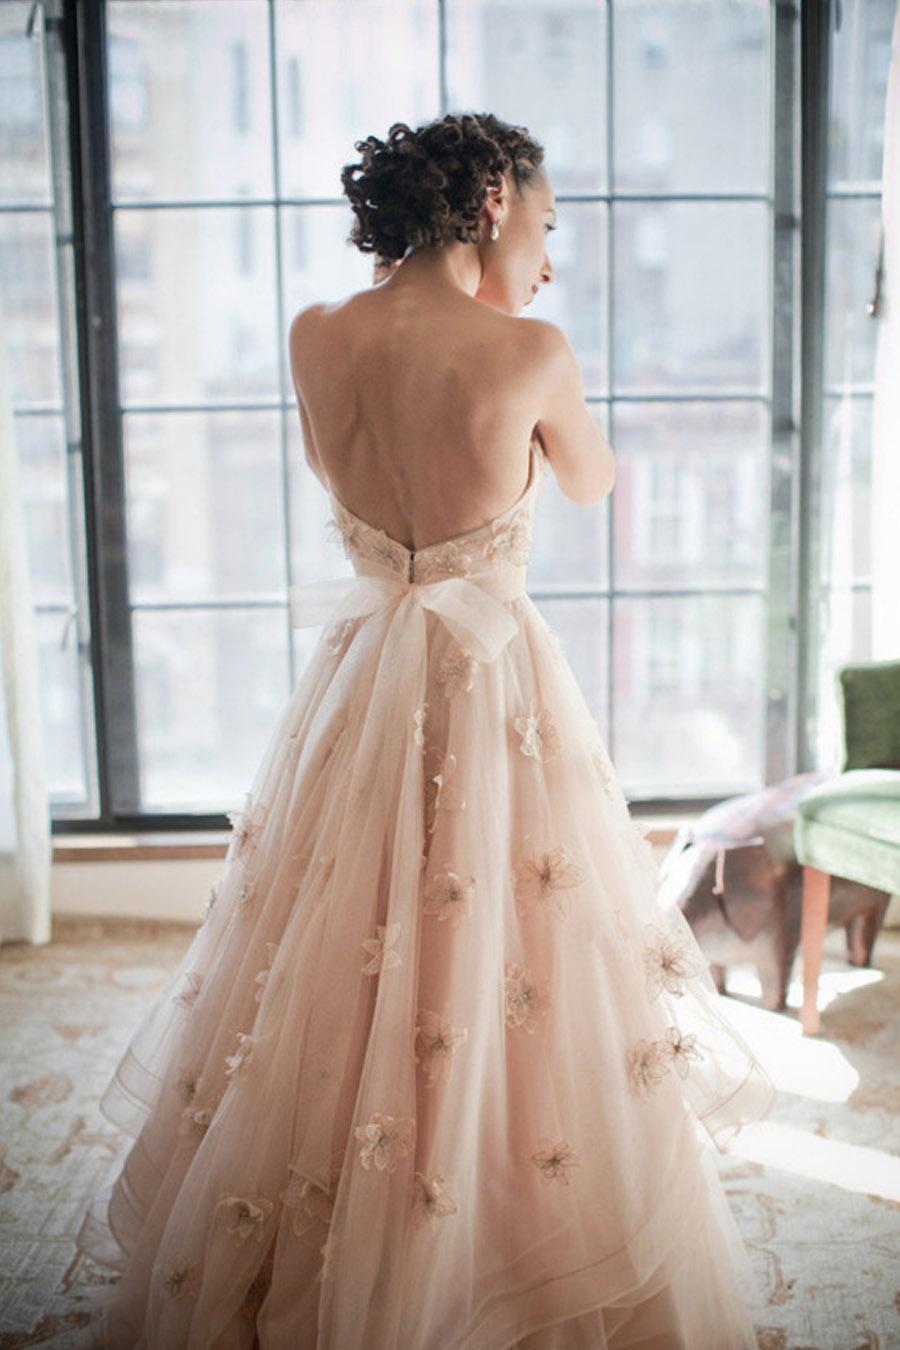 VESTIDOS DE NOVIA EN ROSA CUARZO vestidos-novia-rosa